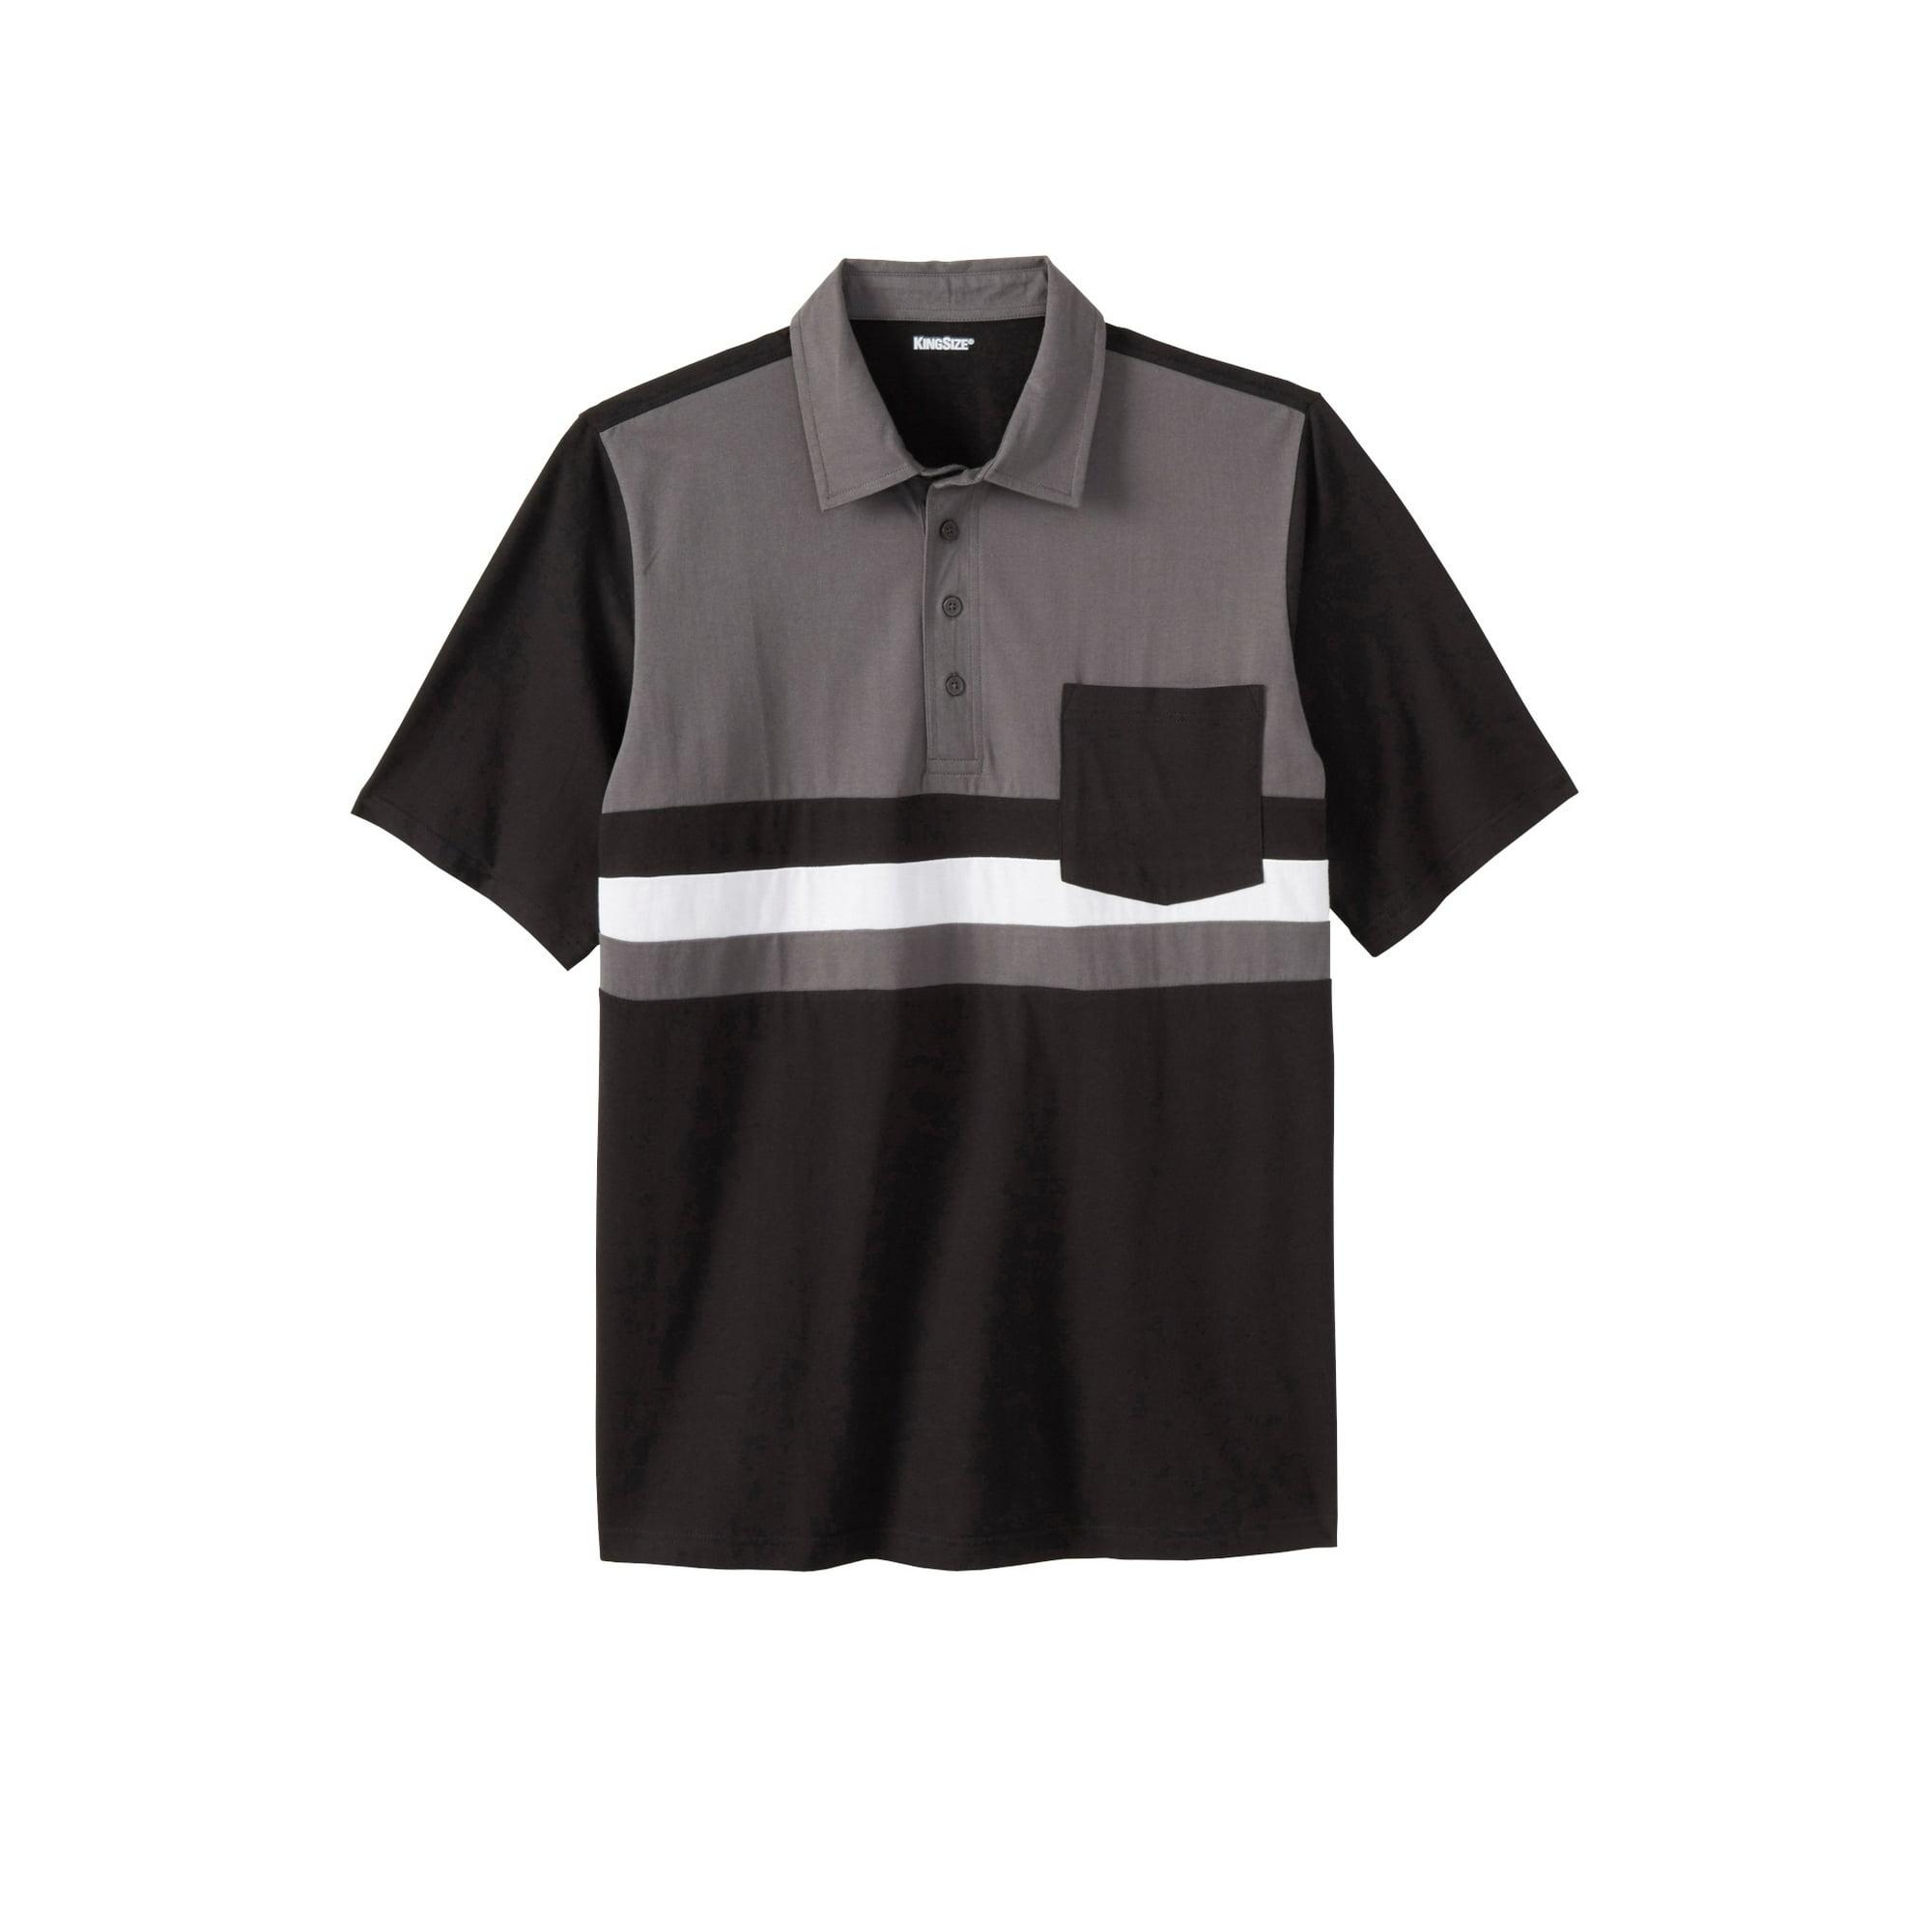 KingSize Men's Big & Tall Lightweight Pocket Golf Polo Shirt - Walmart.com